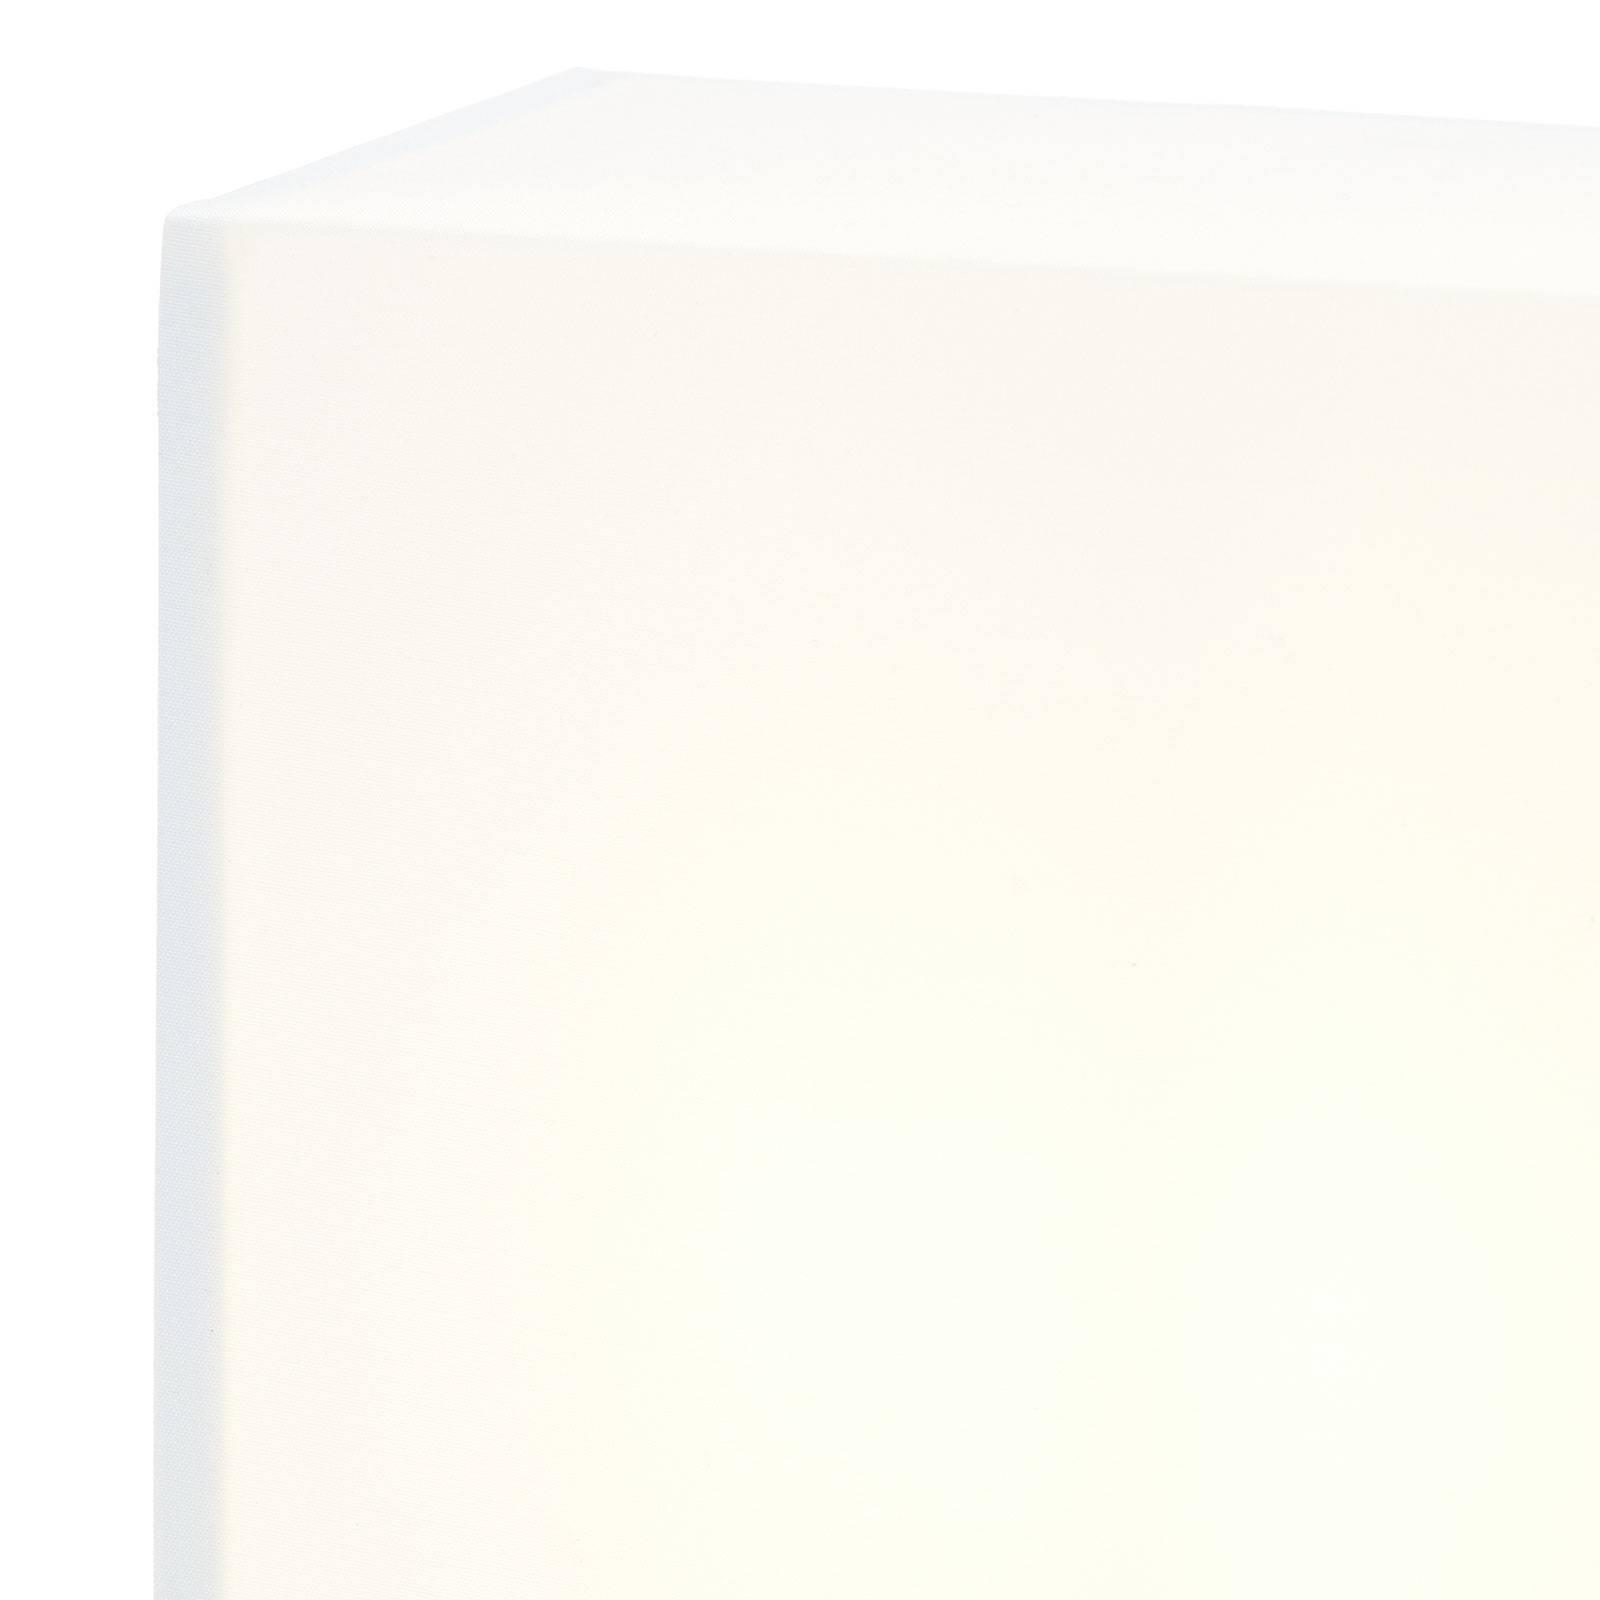 Lucande Patrik Wandleuchte eckig Höhe 25cm weiß